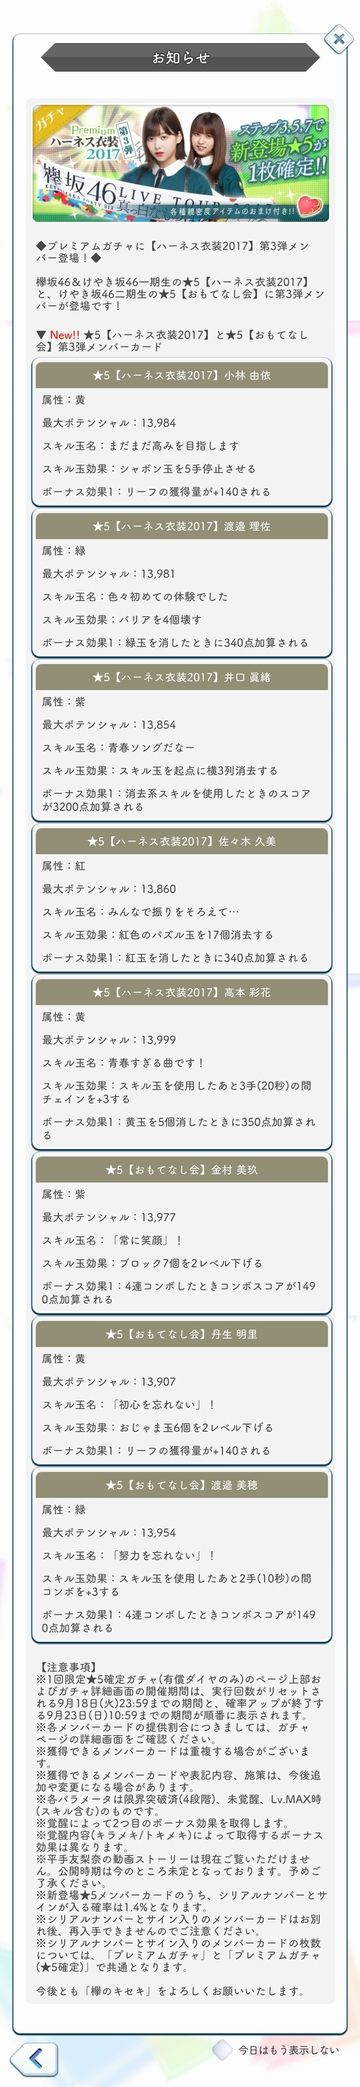 00 ハーネス衣装2017(3) ガチャ詳細